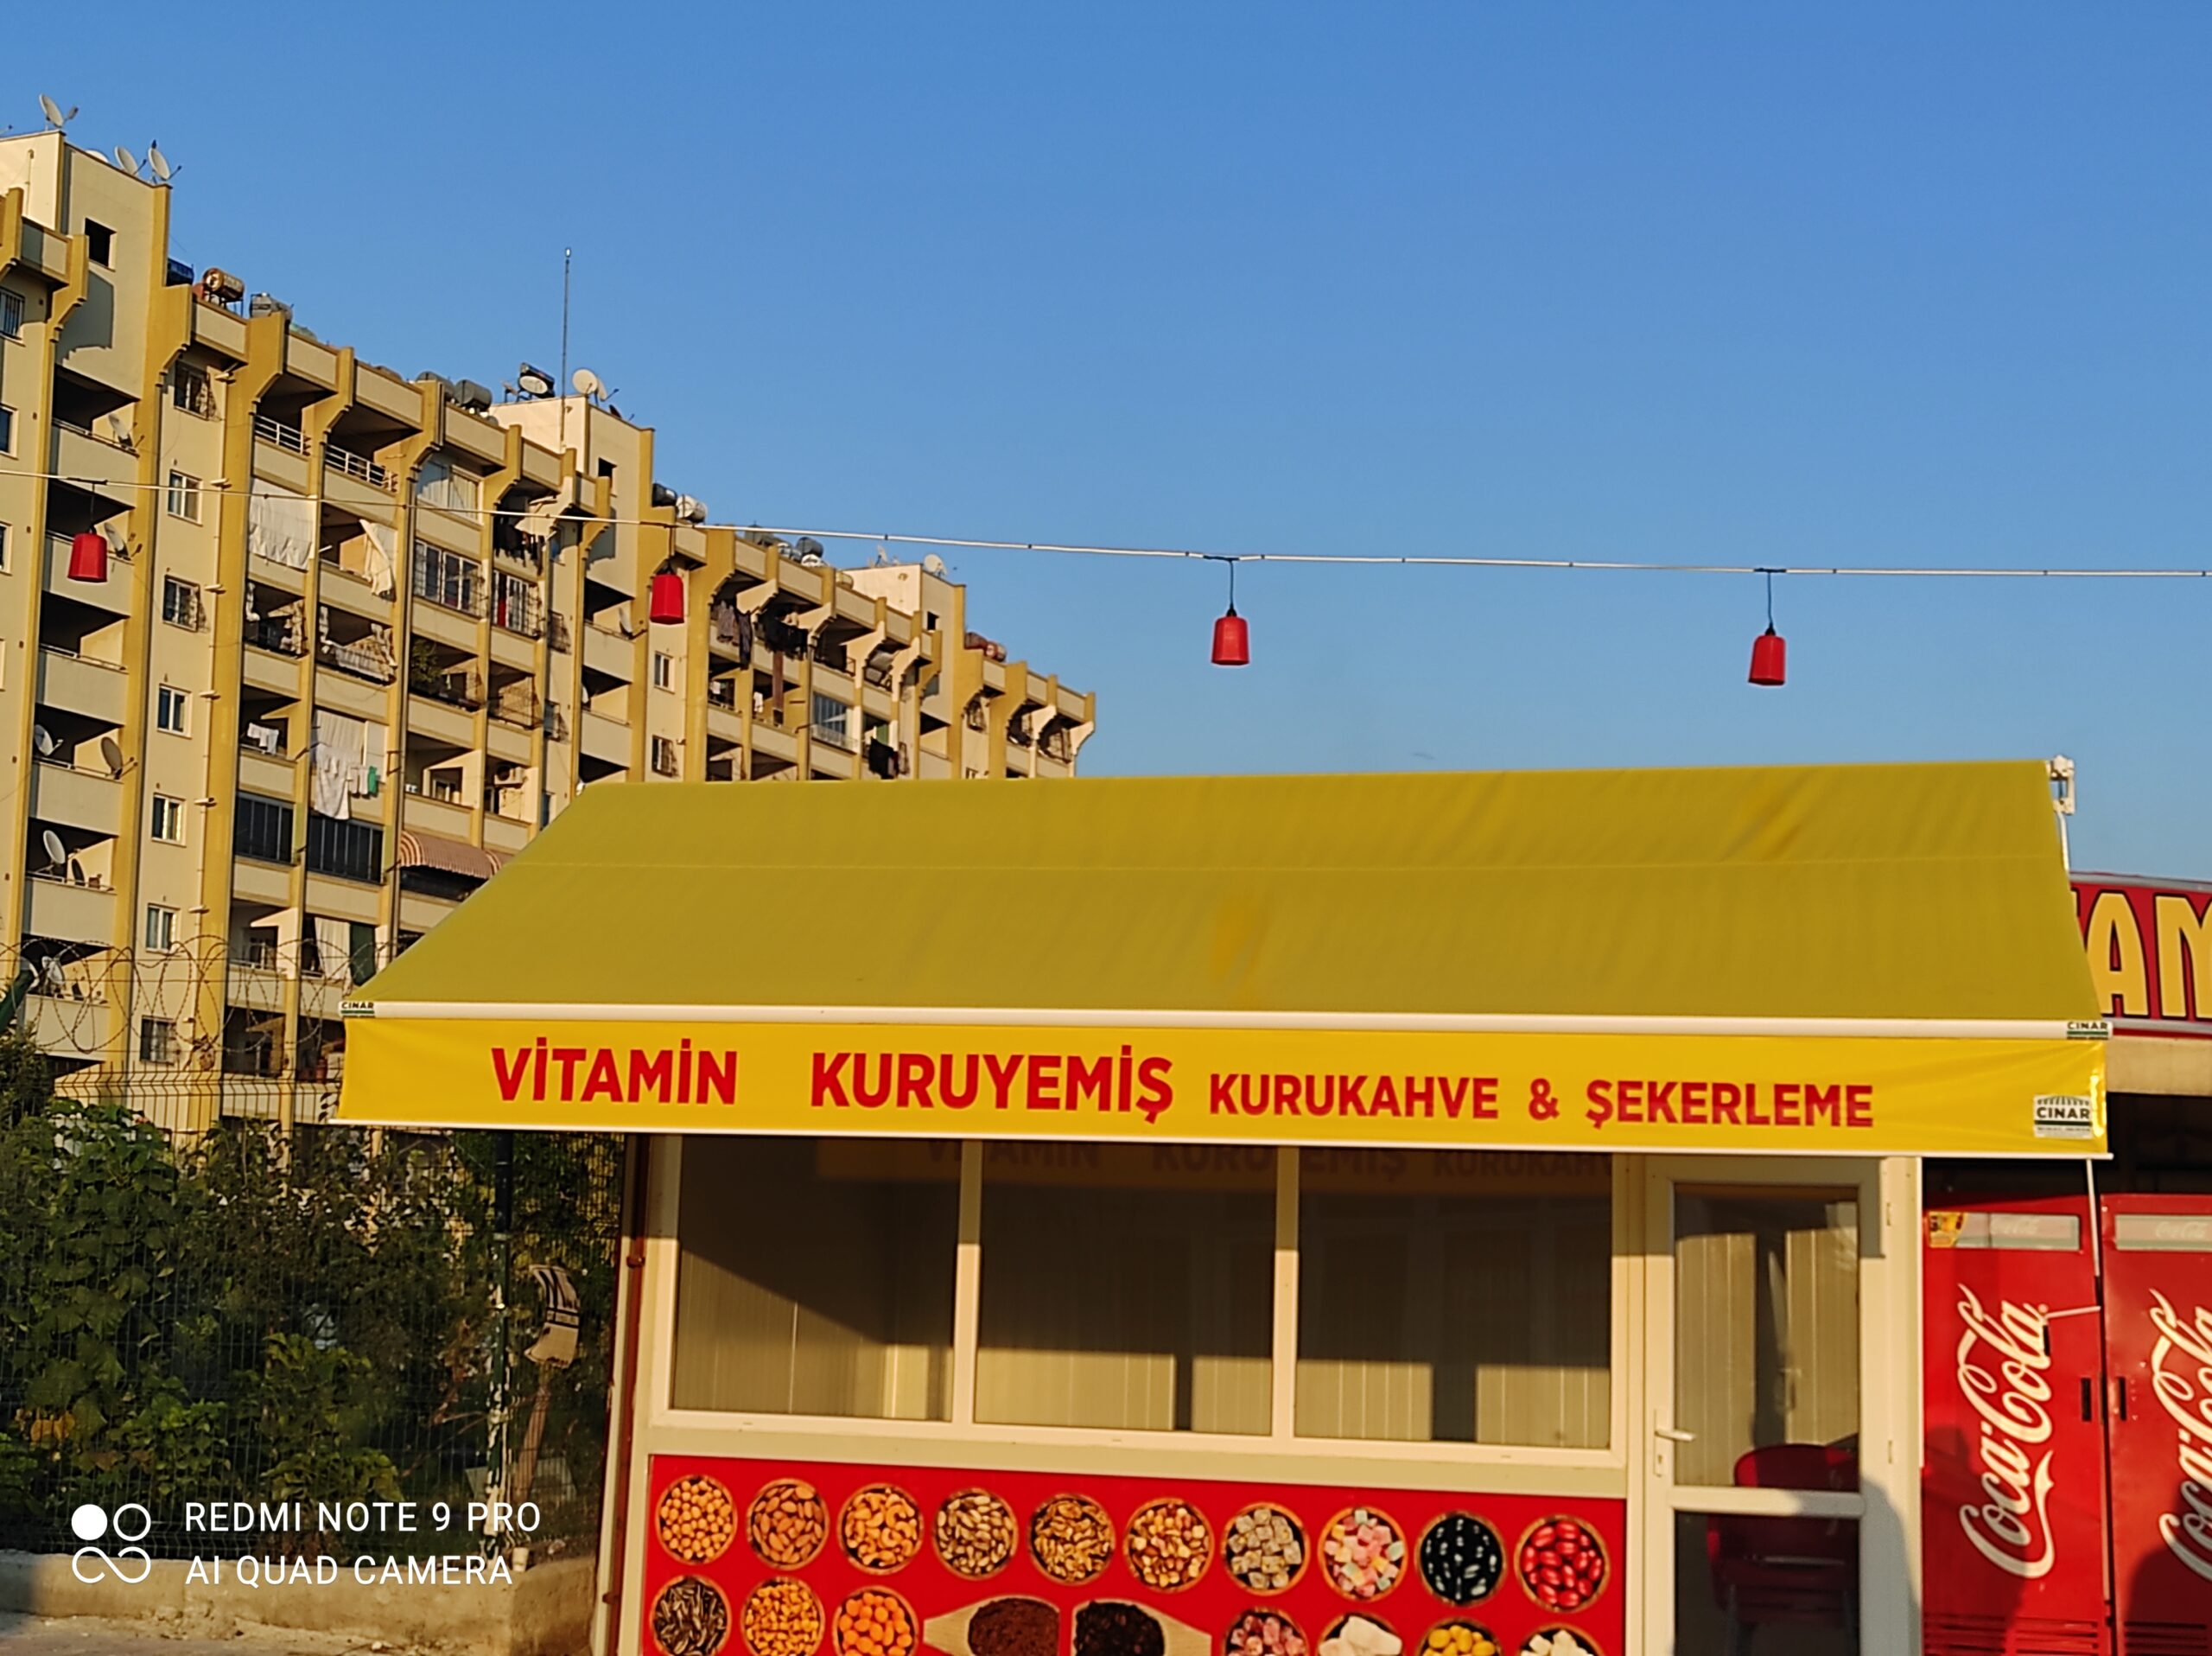 Adana mafsallı Tente Montajımız çınar tente İmalatımız OTO Center Hayırlı Olsun